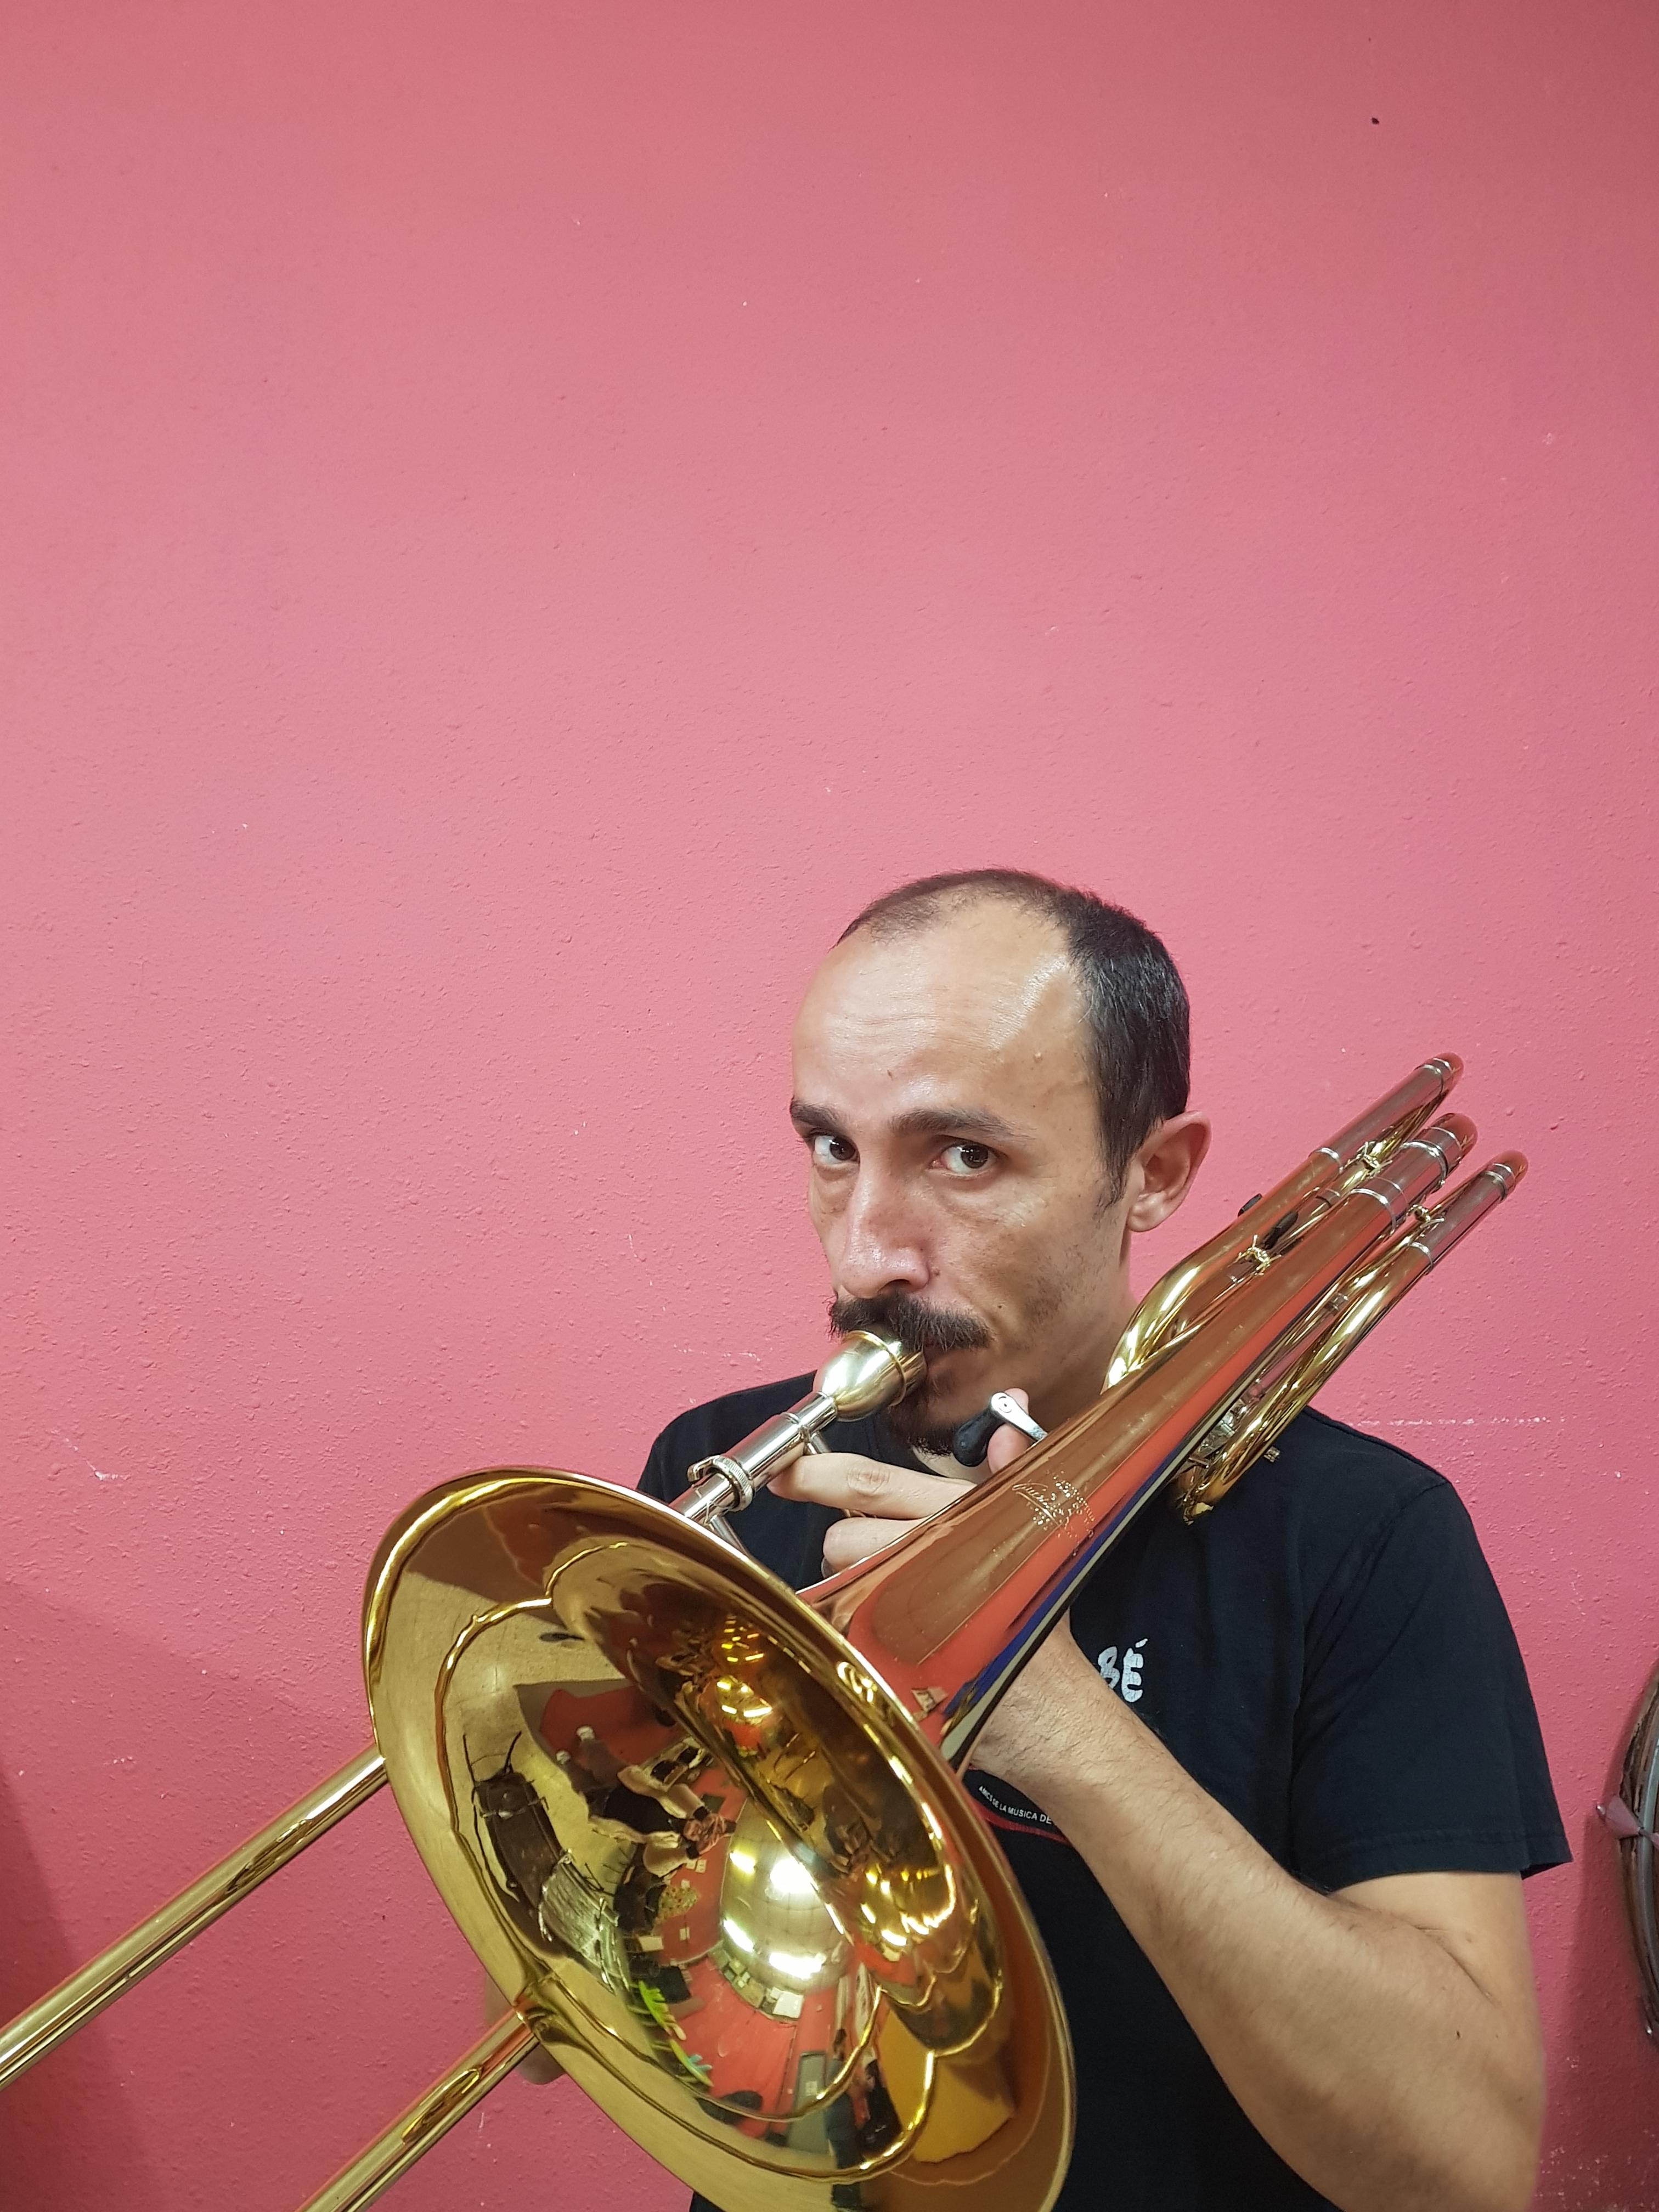 Juan Enrique Durà